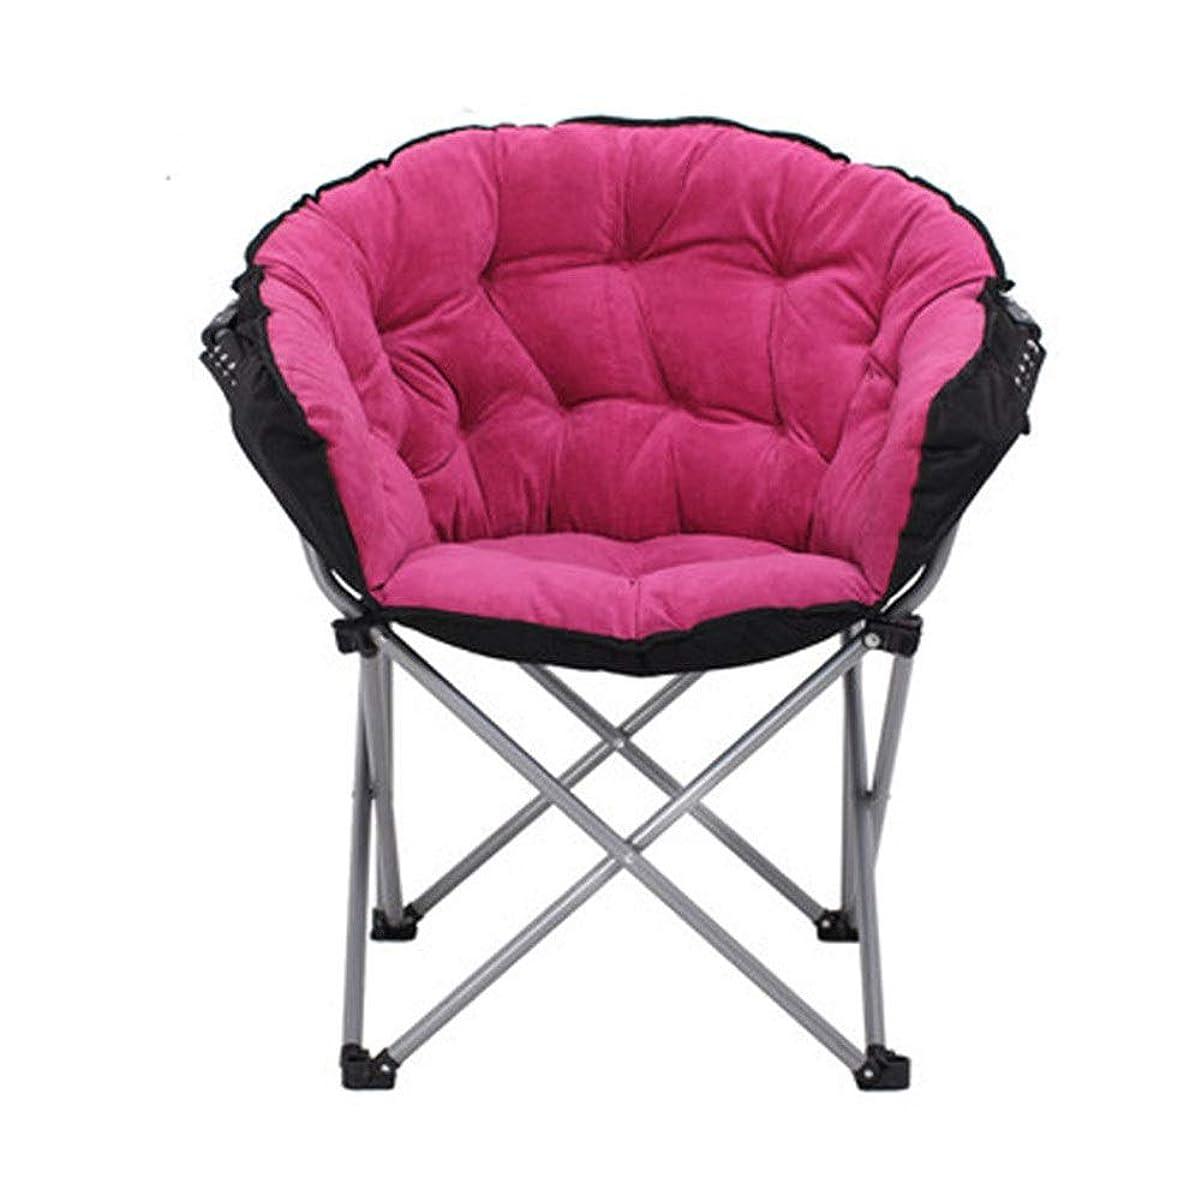 貧しい風刺リル折りたたみソファ 簡単折りたたみ家庭昼食高齢者怠惰な折りたたみ椅子 (色 : ピンク, サイズ : 50*80*102cm)